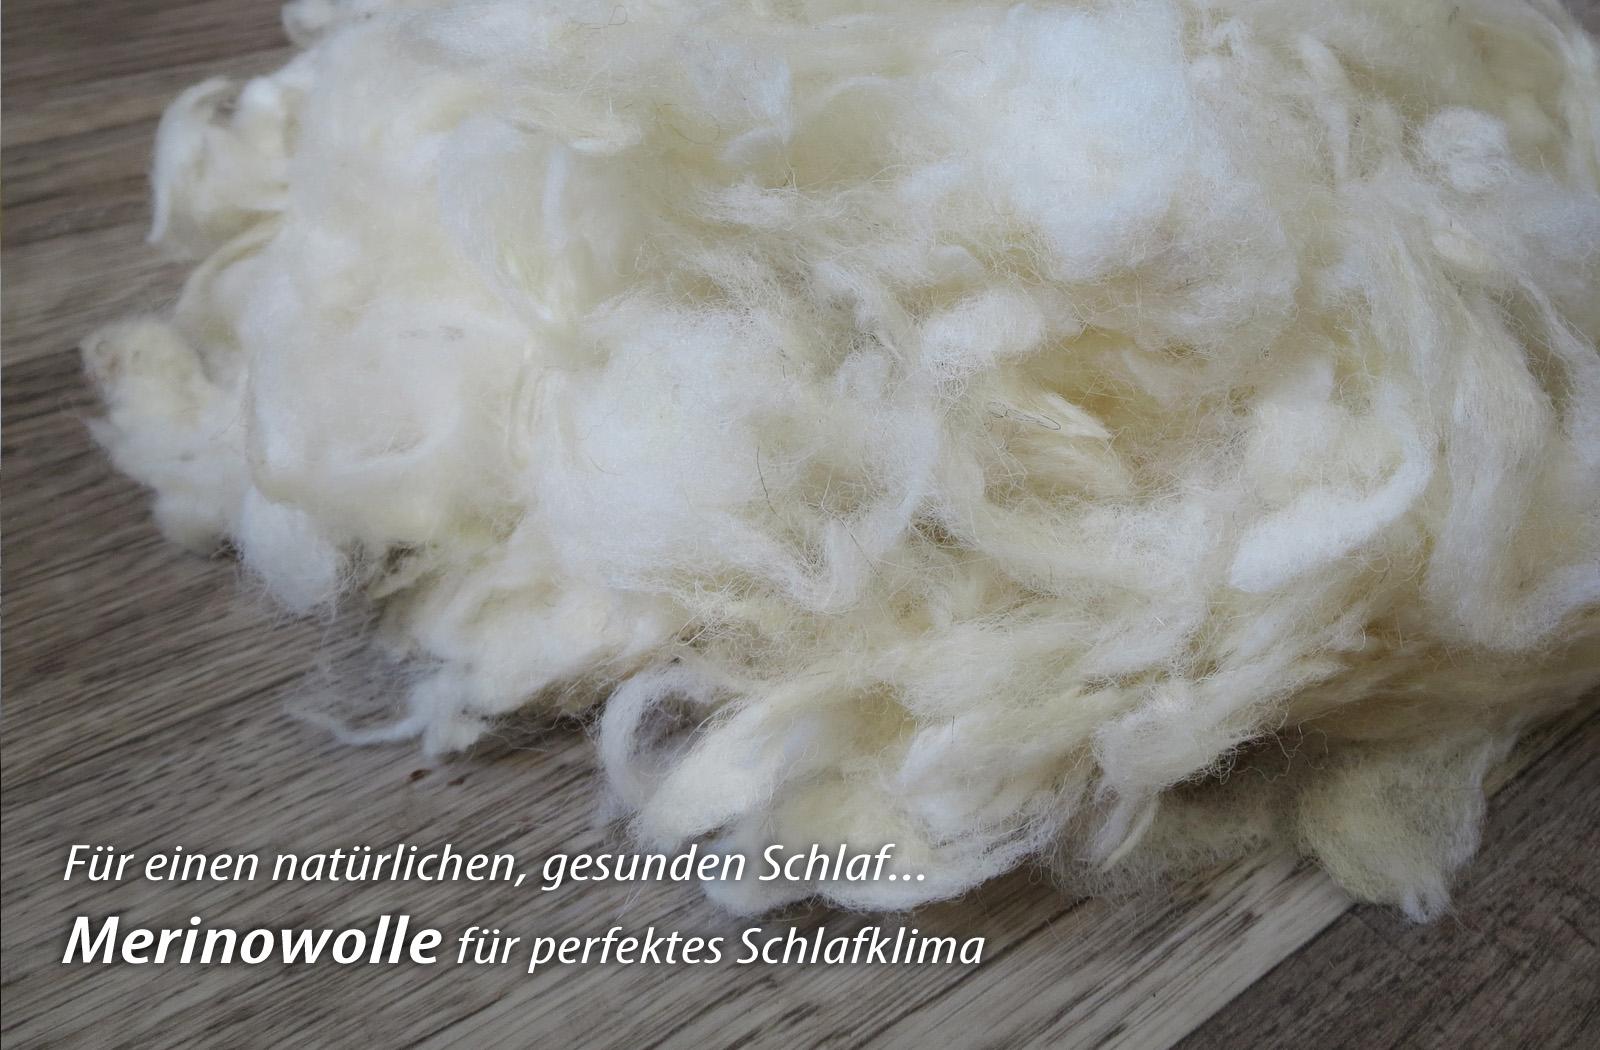 Bettdecke Winter Merino Schaf-Schurwolle Duo-Steppbett Baumwolle Melina – Bild 3